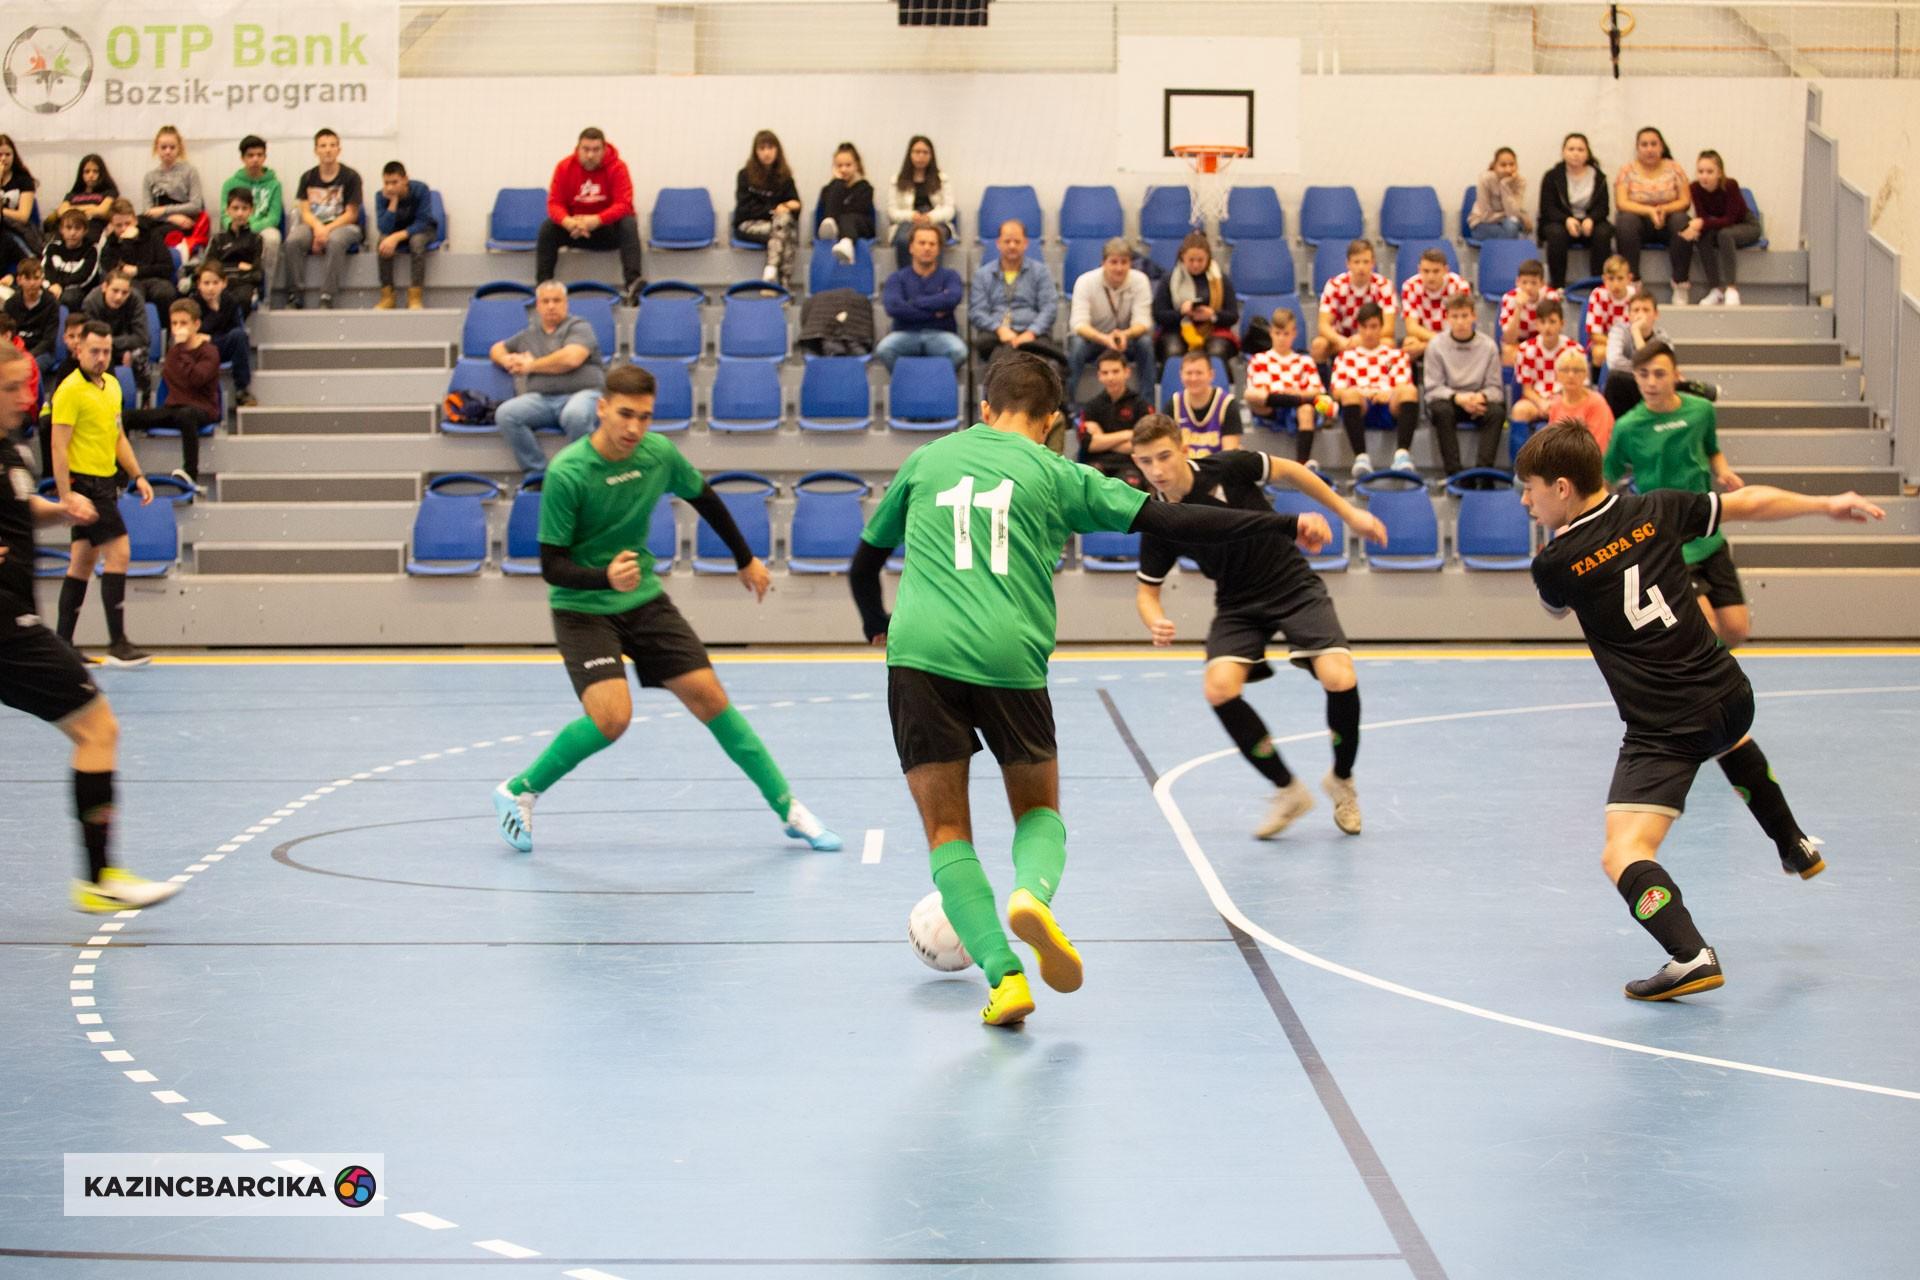 https://kolorline.hu/Kazincbarcikán rendezték meg a Futsal Diákolimpia országos elődöntőjét